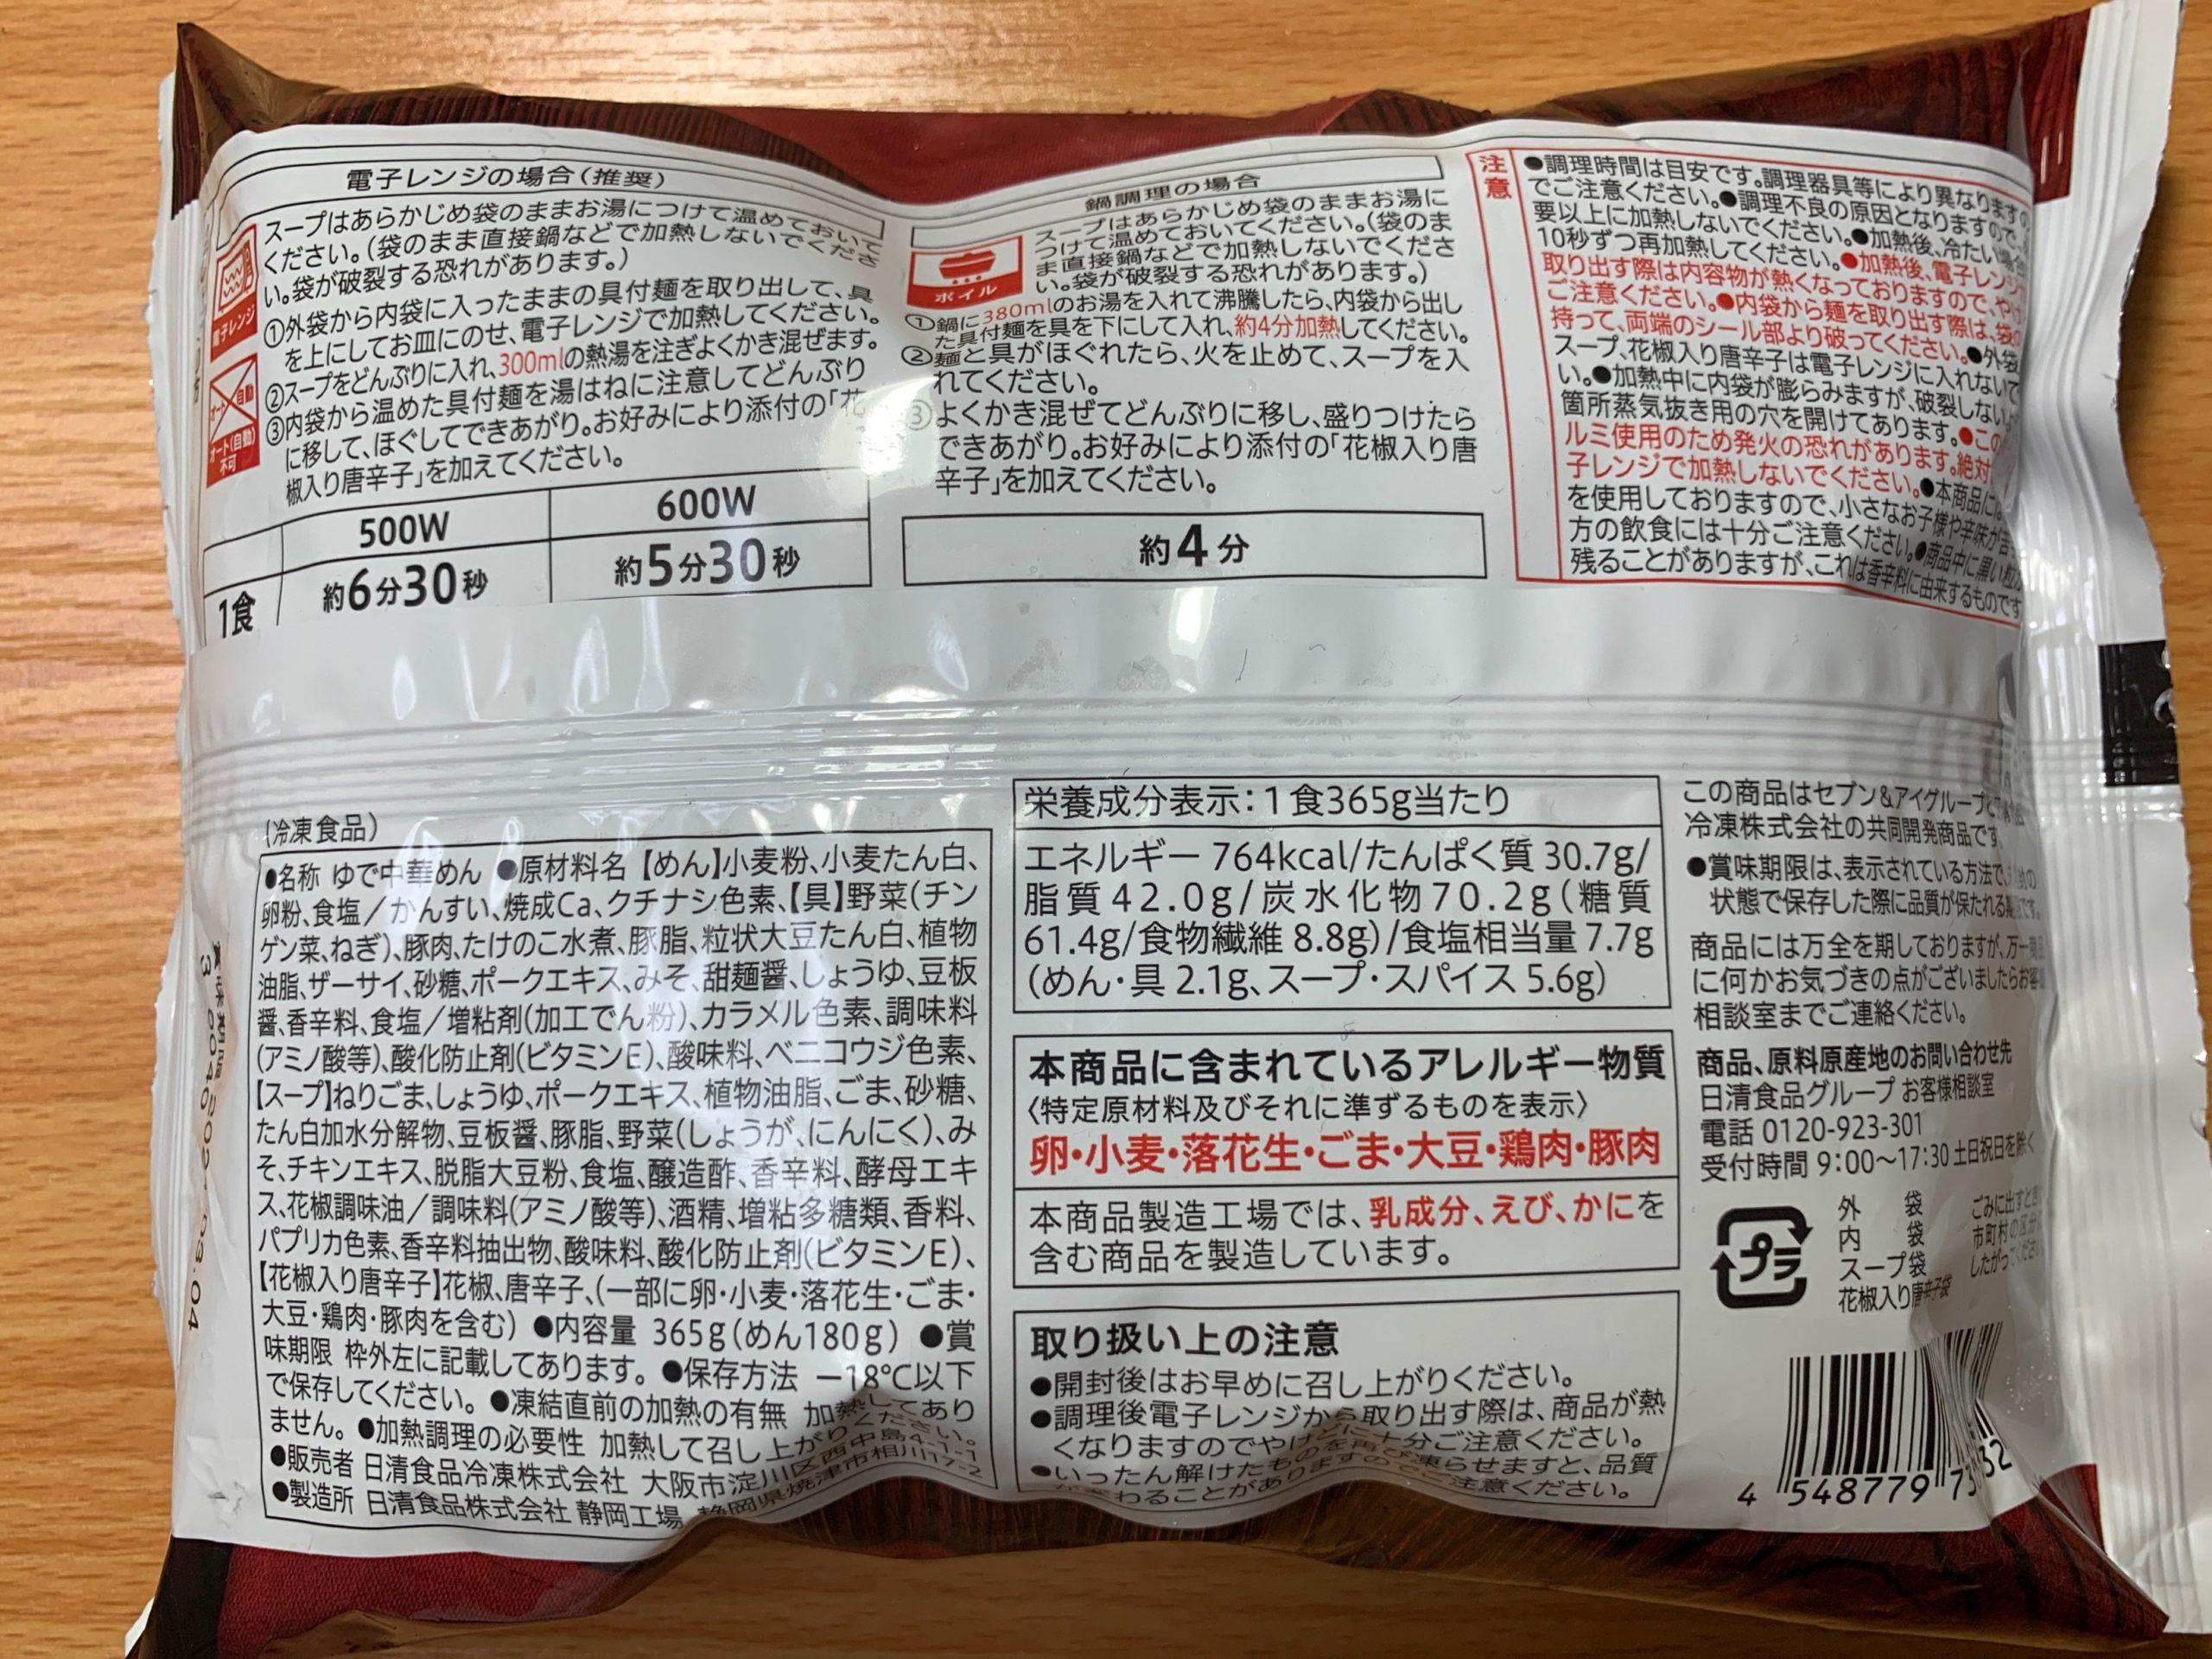 胡麻が濃厚な坦々麺の裏面